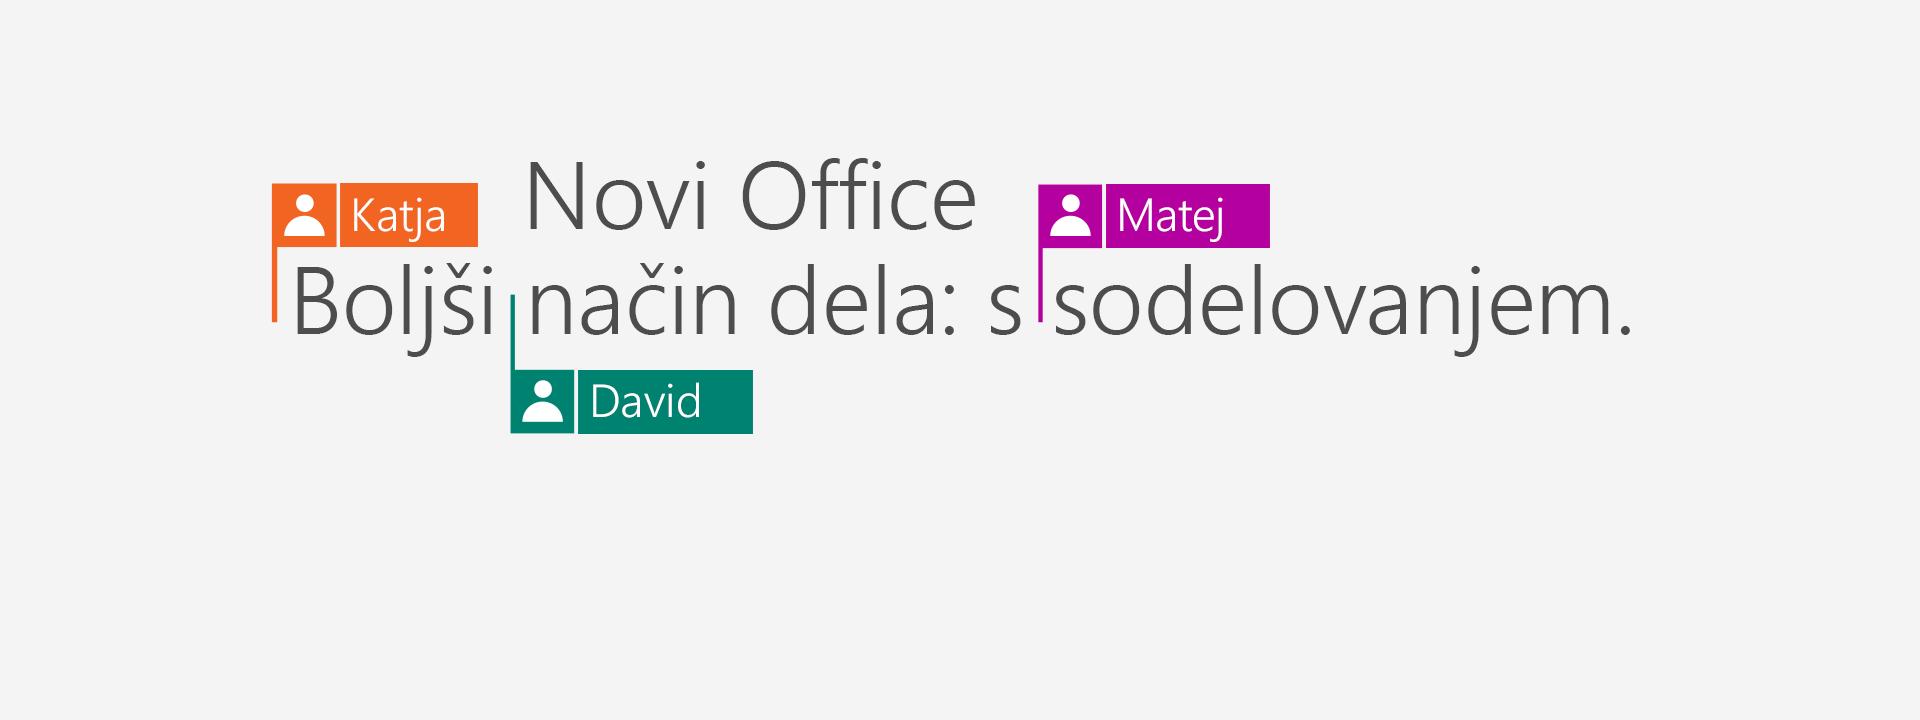 Če želite nove programe različice 2016, kupite Office 365.